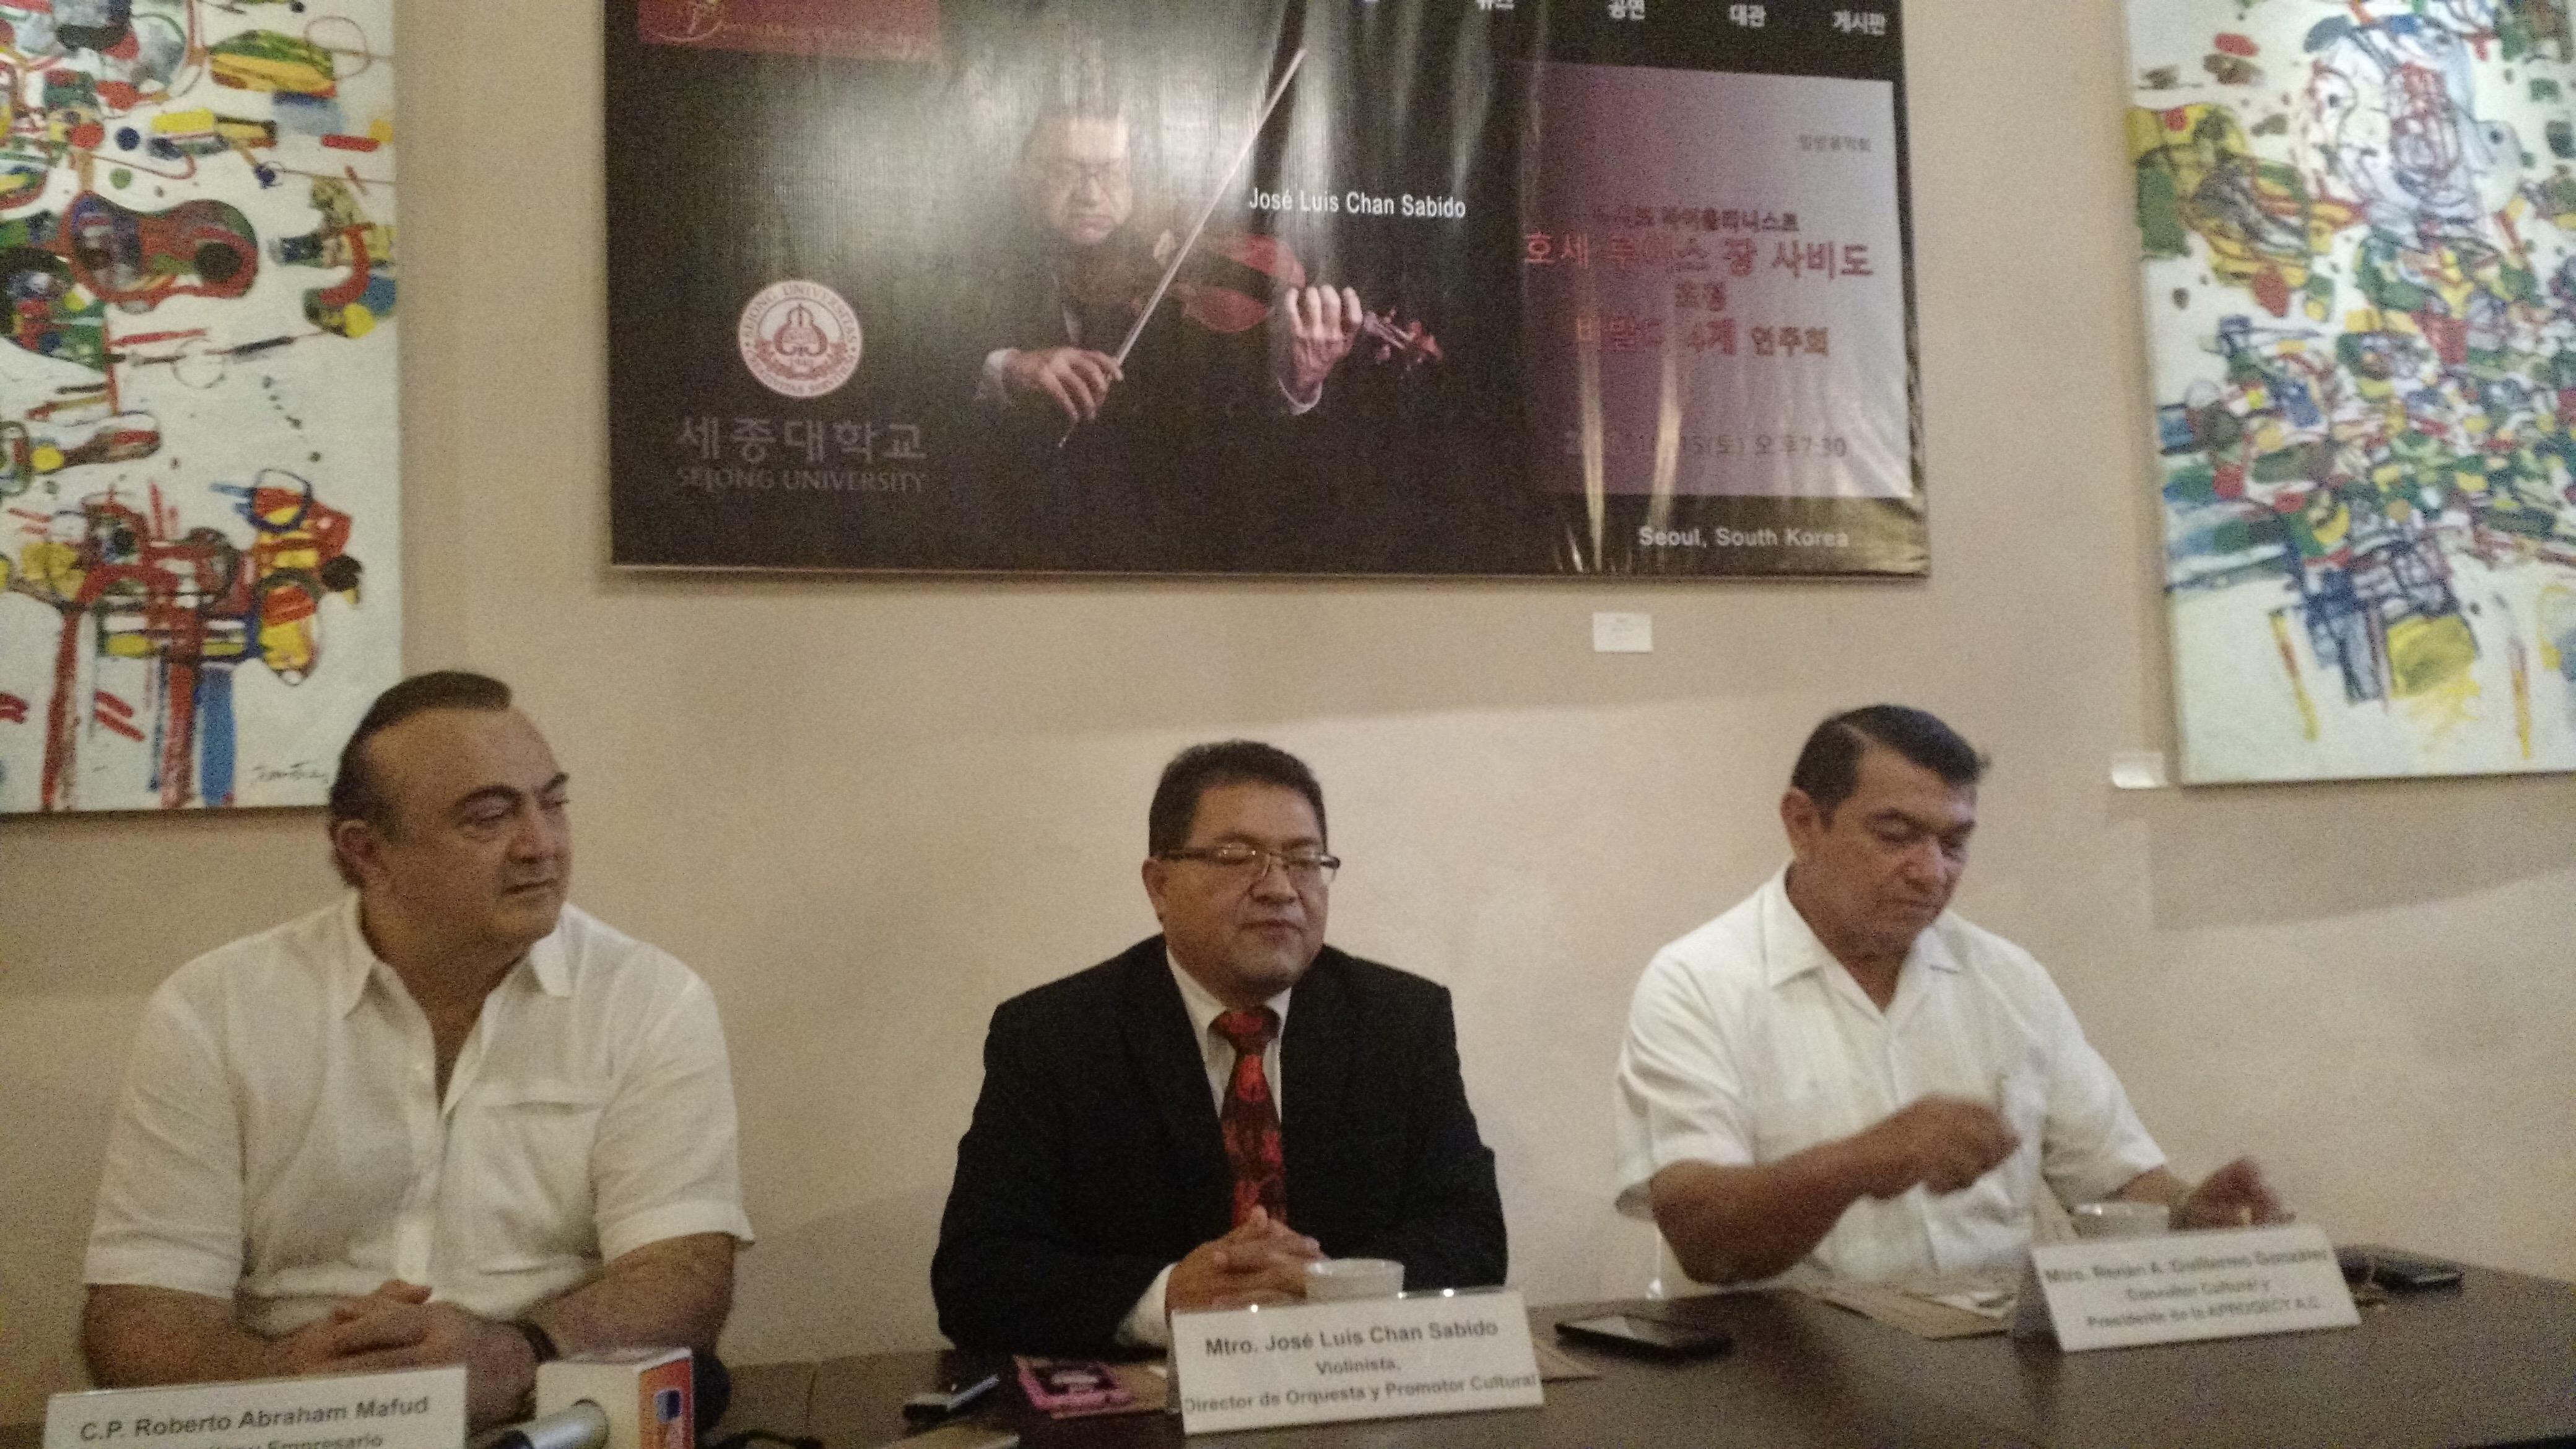 Violinista yucateco ofrecerá concierto en Corea del Sur